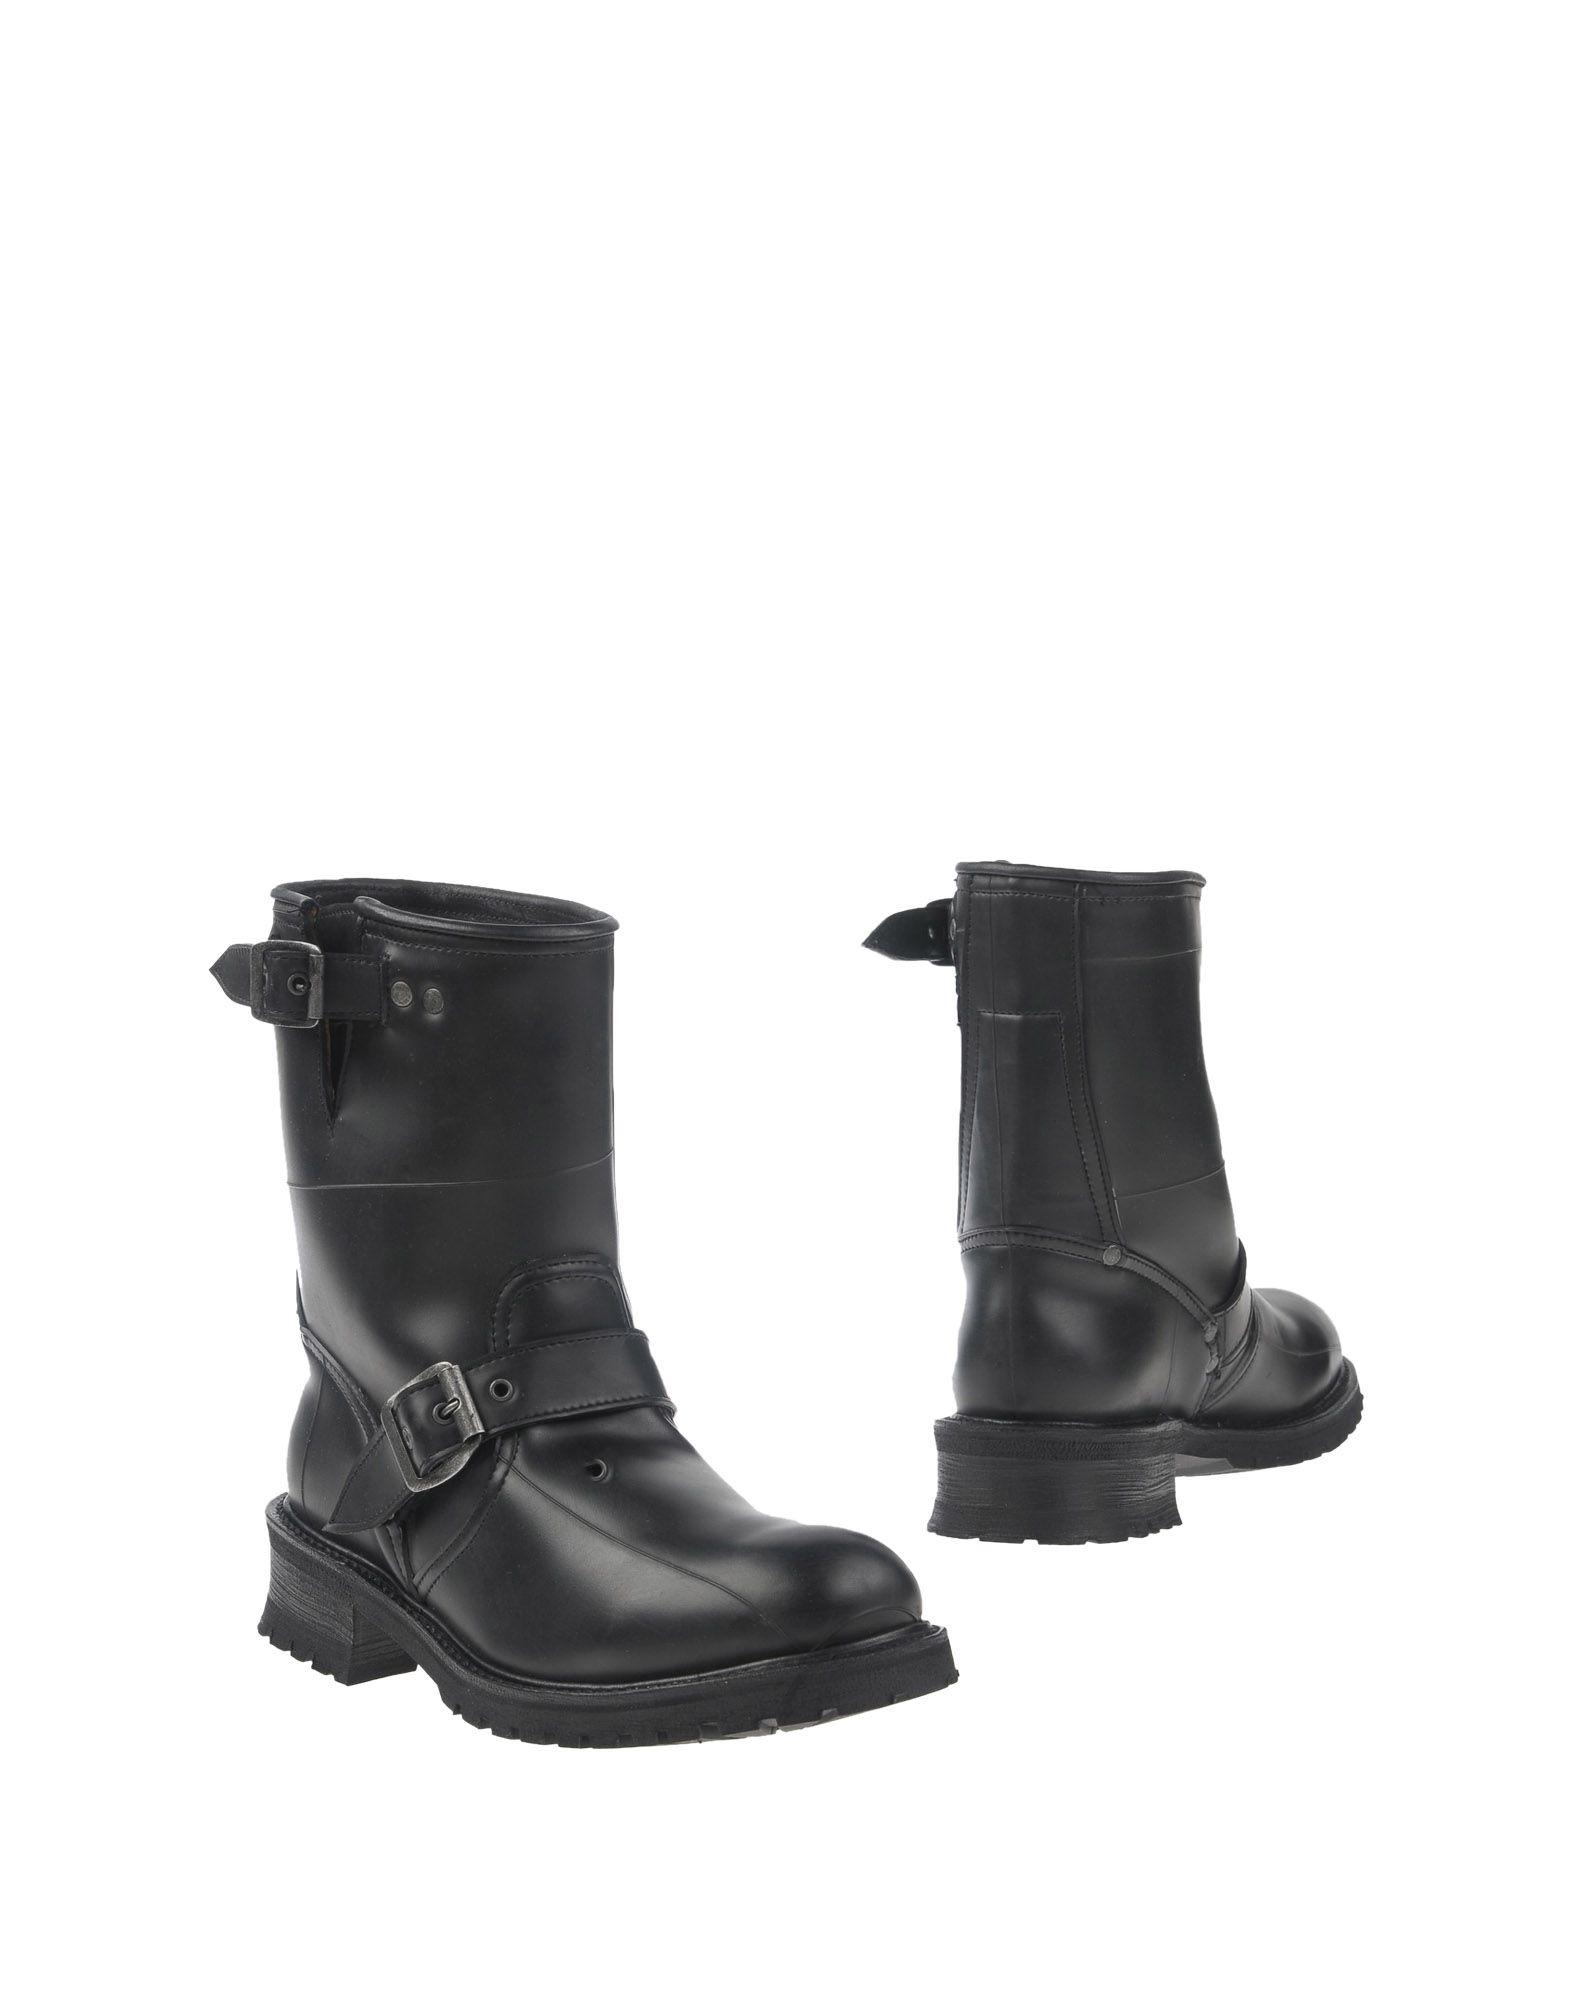 John Varvatos Stiefelette Herren  11283621RC Gute Qualität beliebte Schuhe